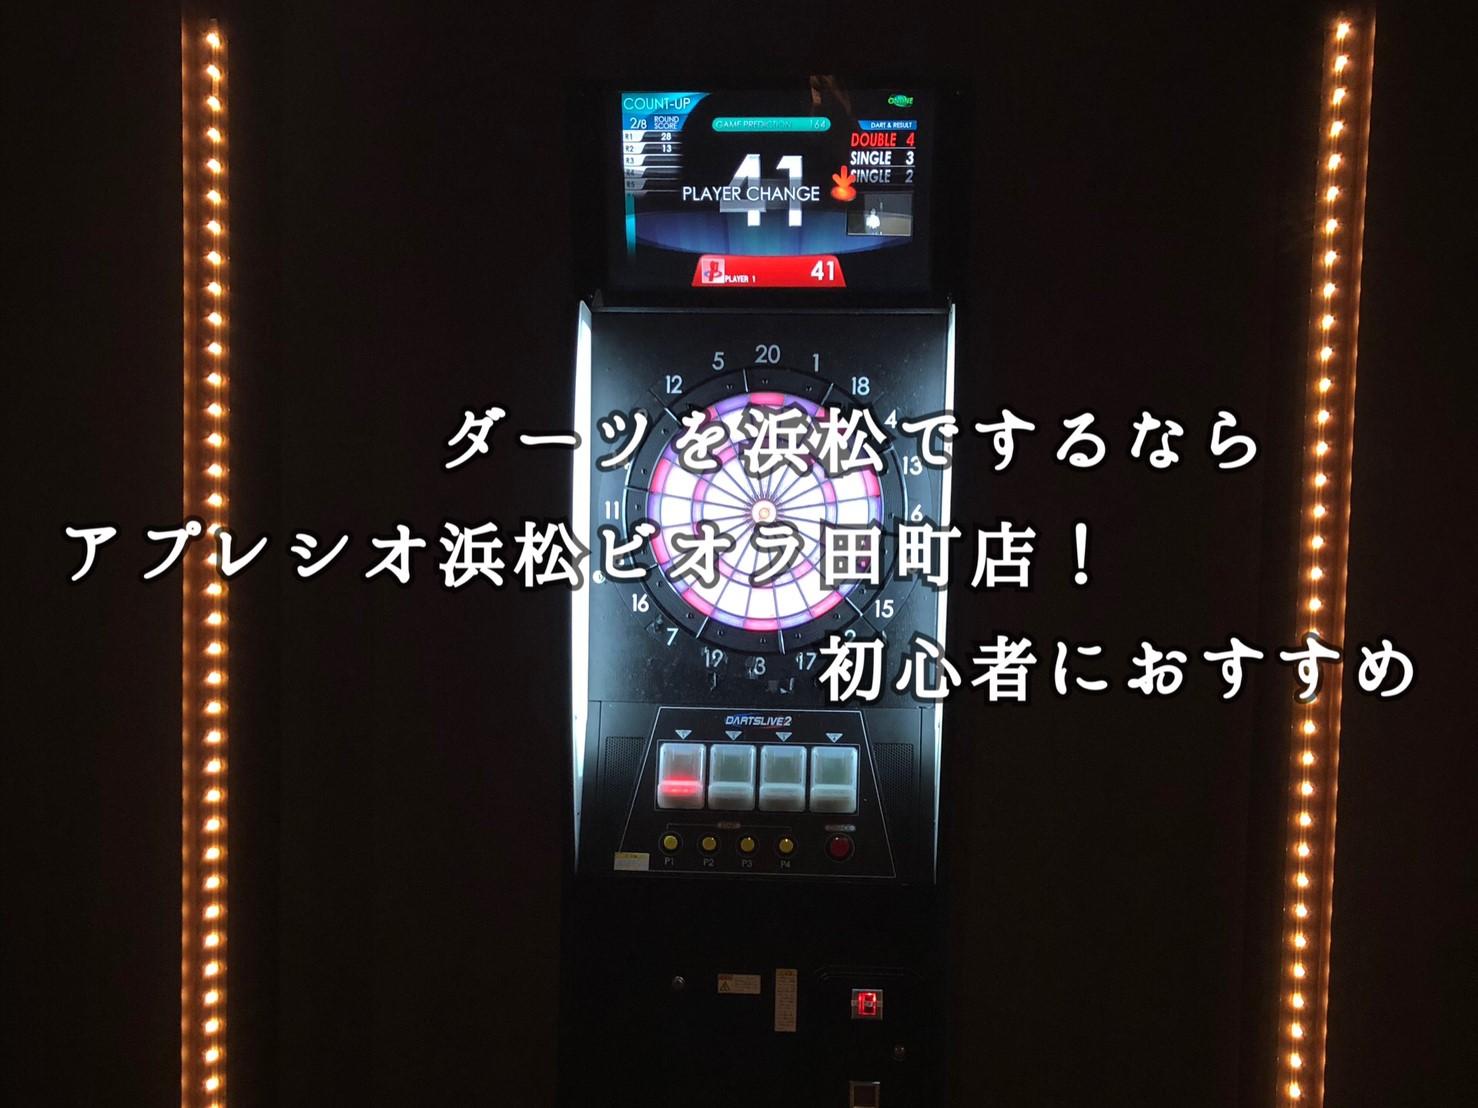 ダーツを浜松でするならアプレシオ浜松ビオラ田町店!初心者におすすめ